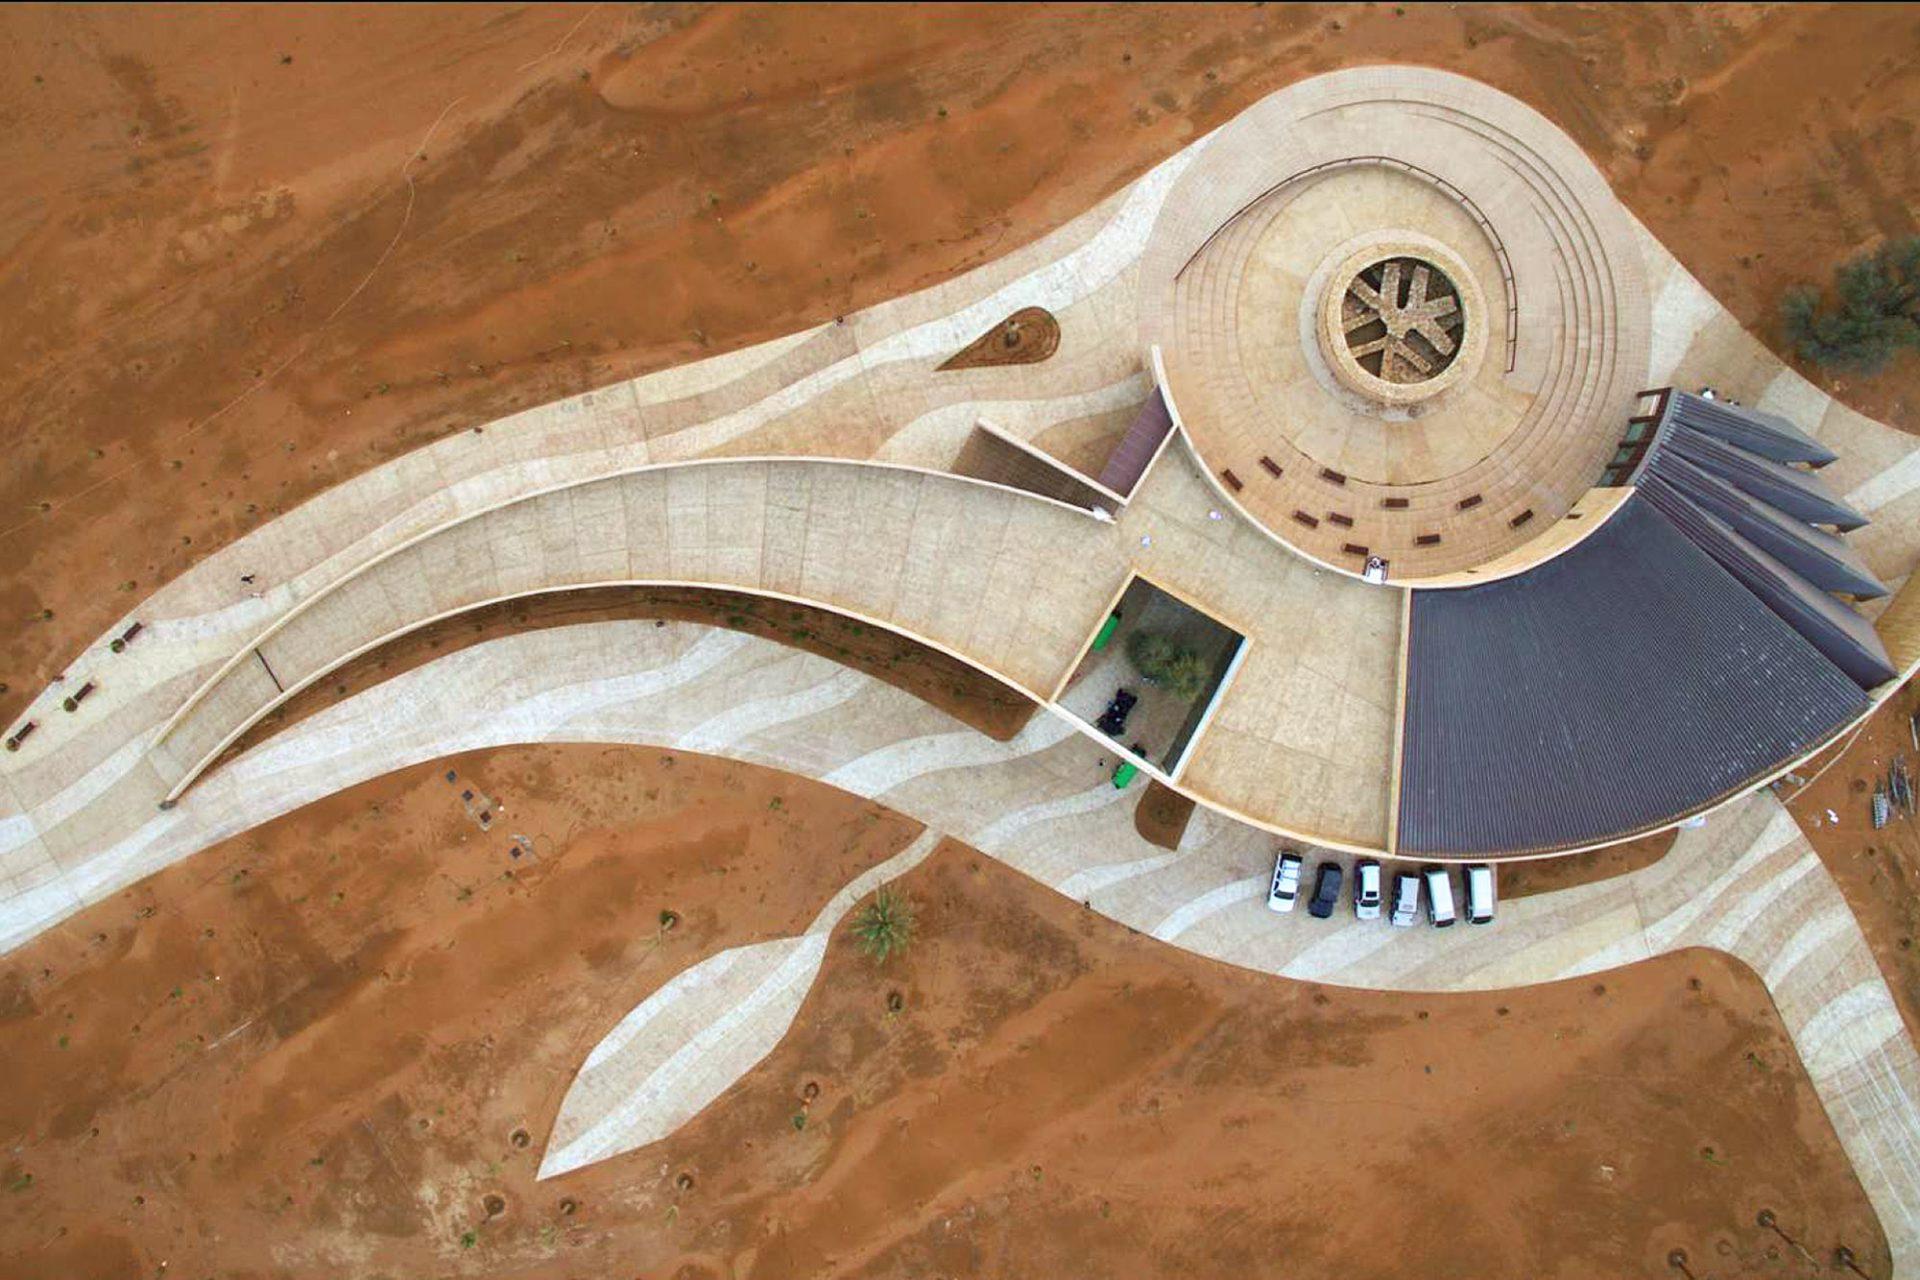 Mleiha Archaeological Centre. Die Wandscheiben lenken die Besucher durch die Ausstellung, zu den Aussichtspunkten und umschließen die Grabstätte.